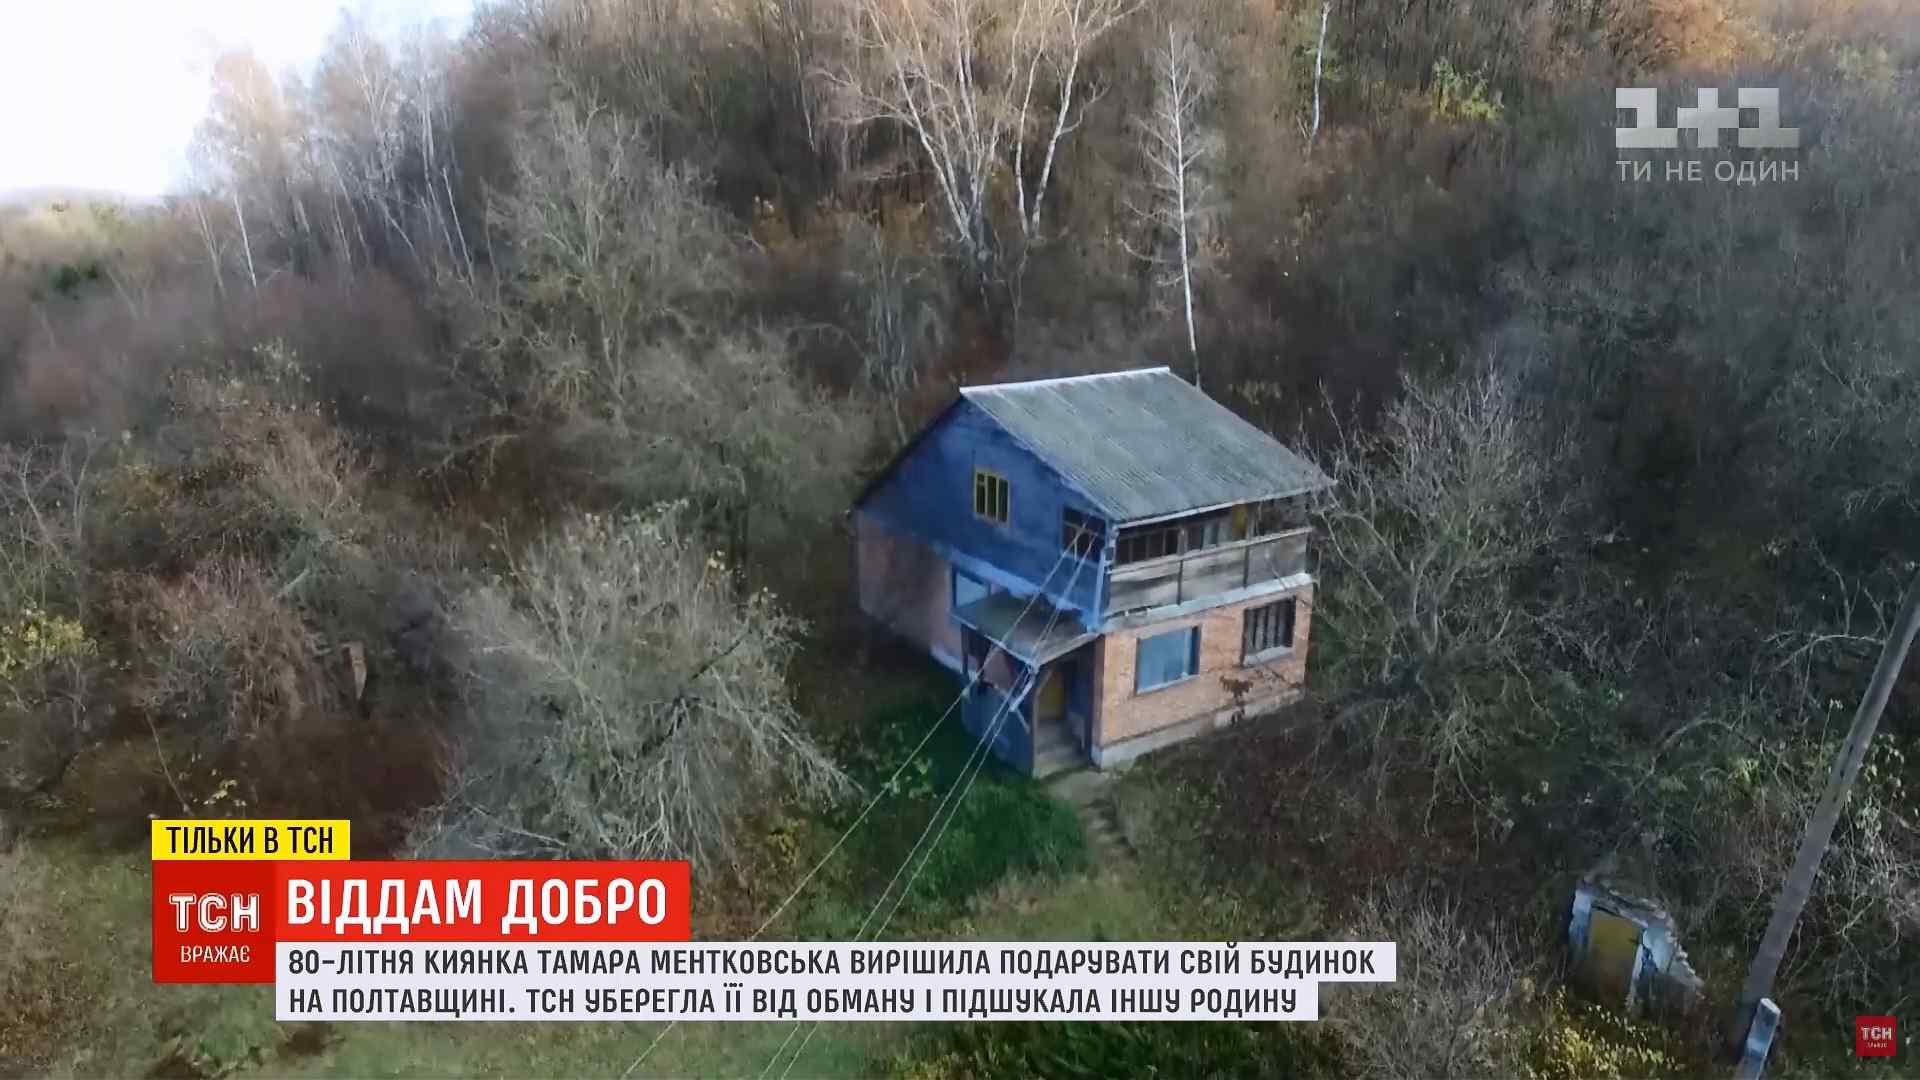 Благодійниця з Києва подарує будинок родині переселенців на Прикарпатті (ВІДЕО)